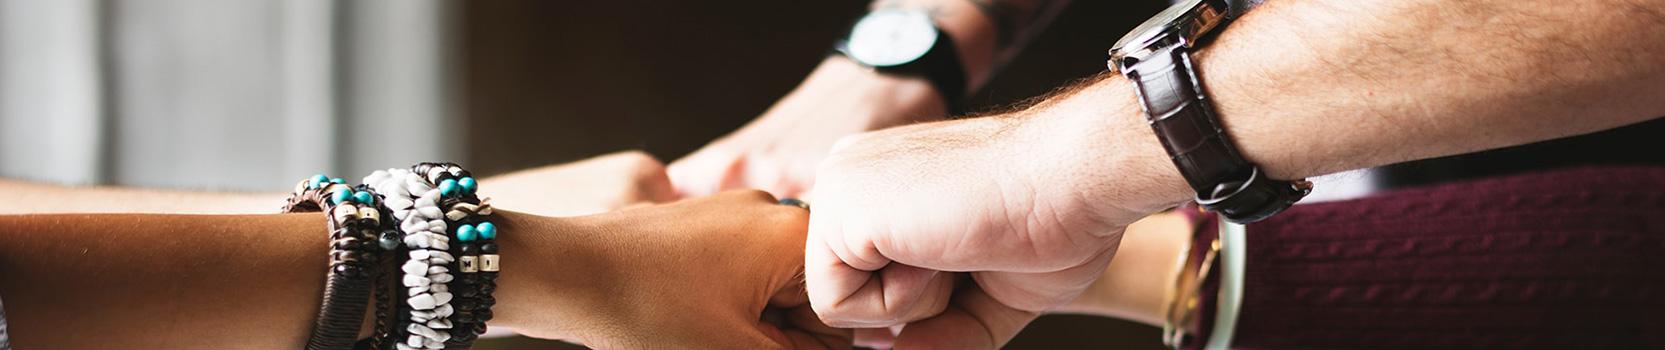 blog 04 abril post02 - 5 dicas imperdíveis para você combinar pulseira com relógio